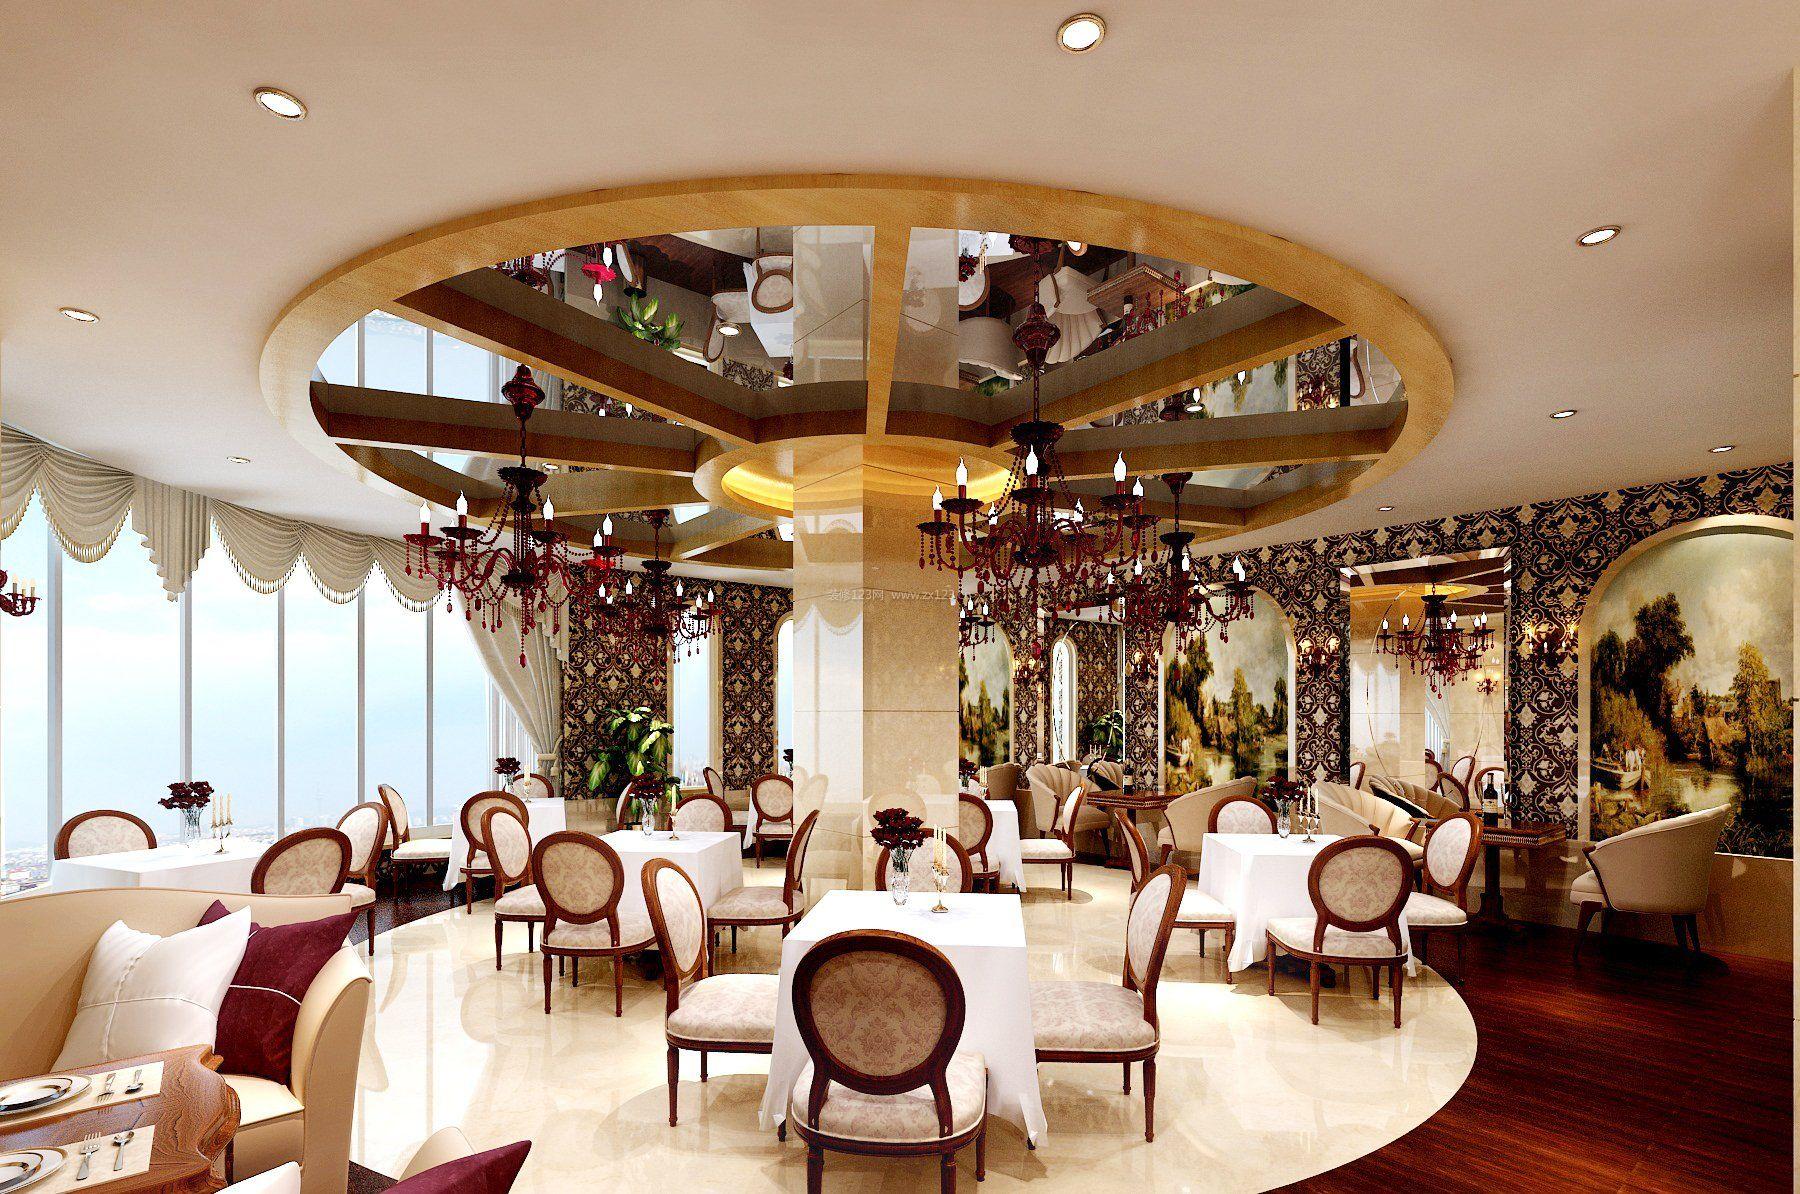 现代欧式混搭风格大型咖啡厅吊顶图片